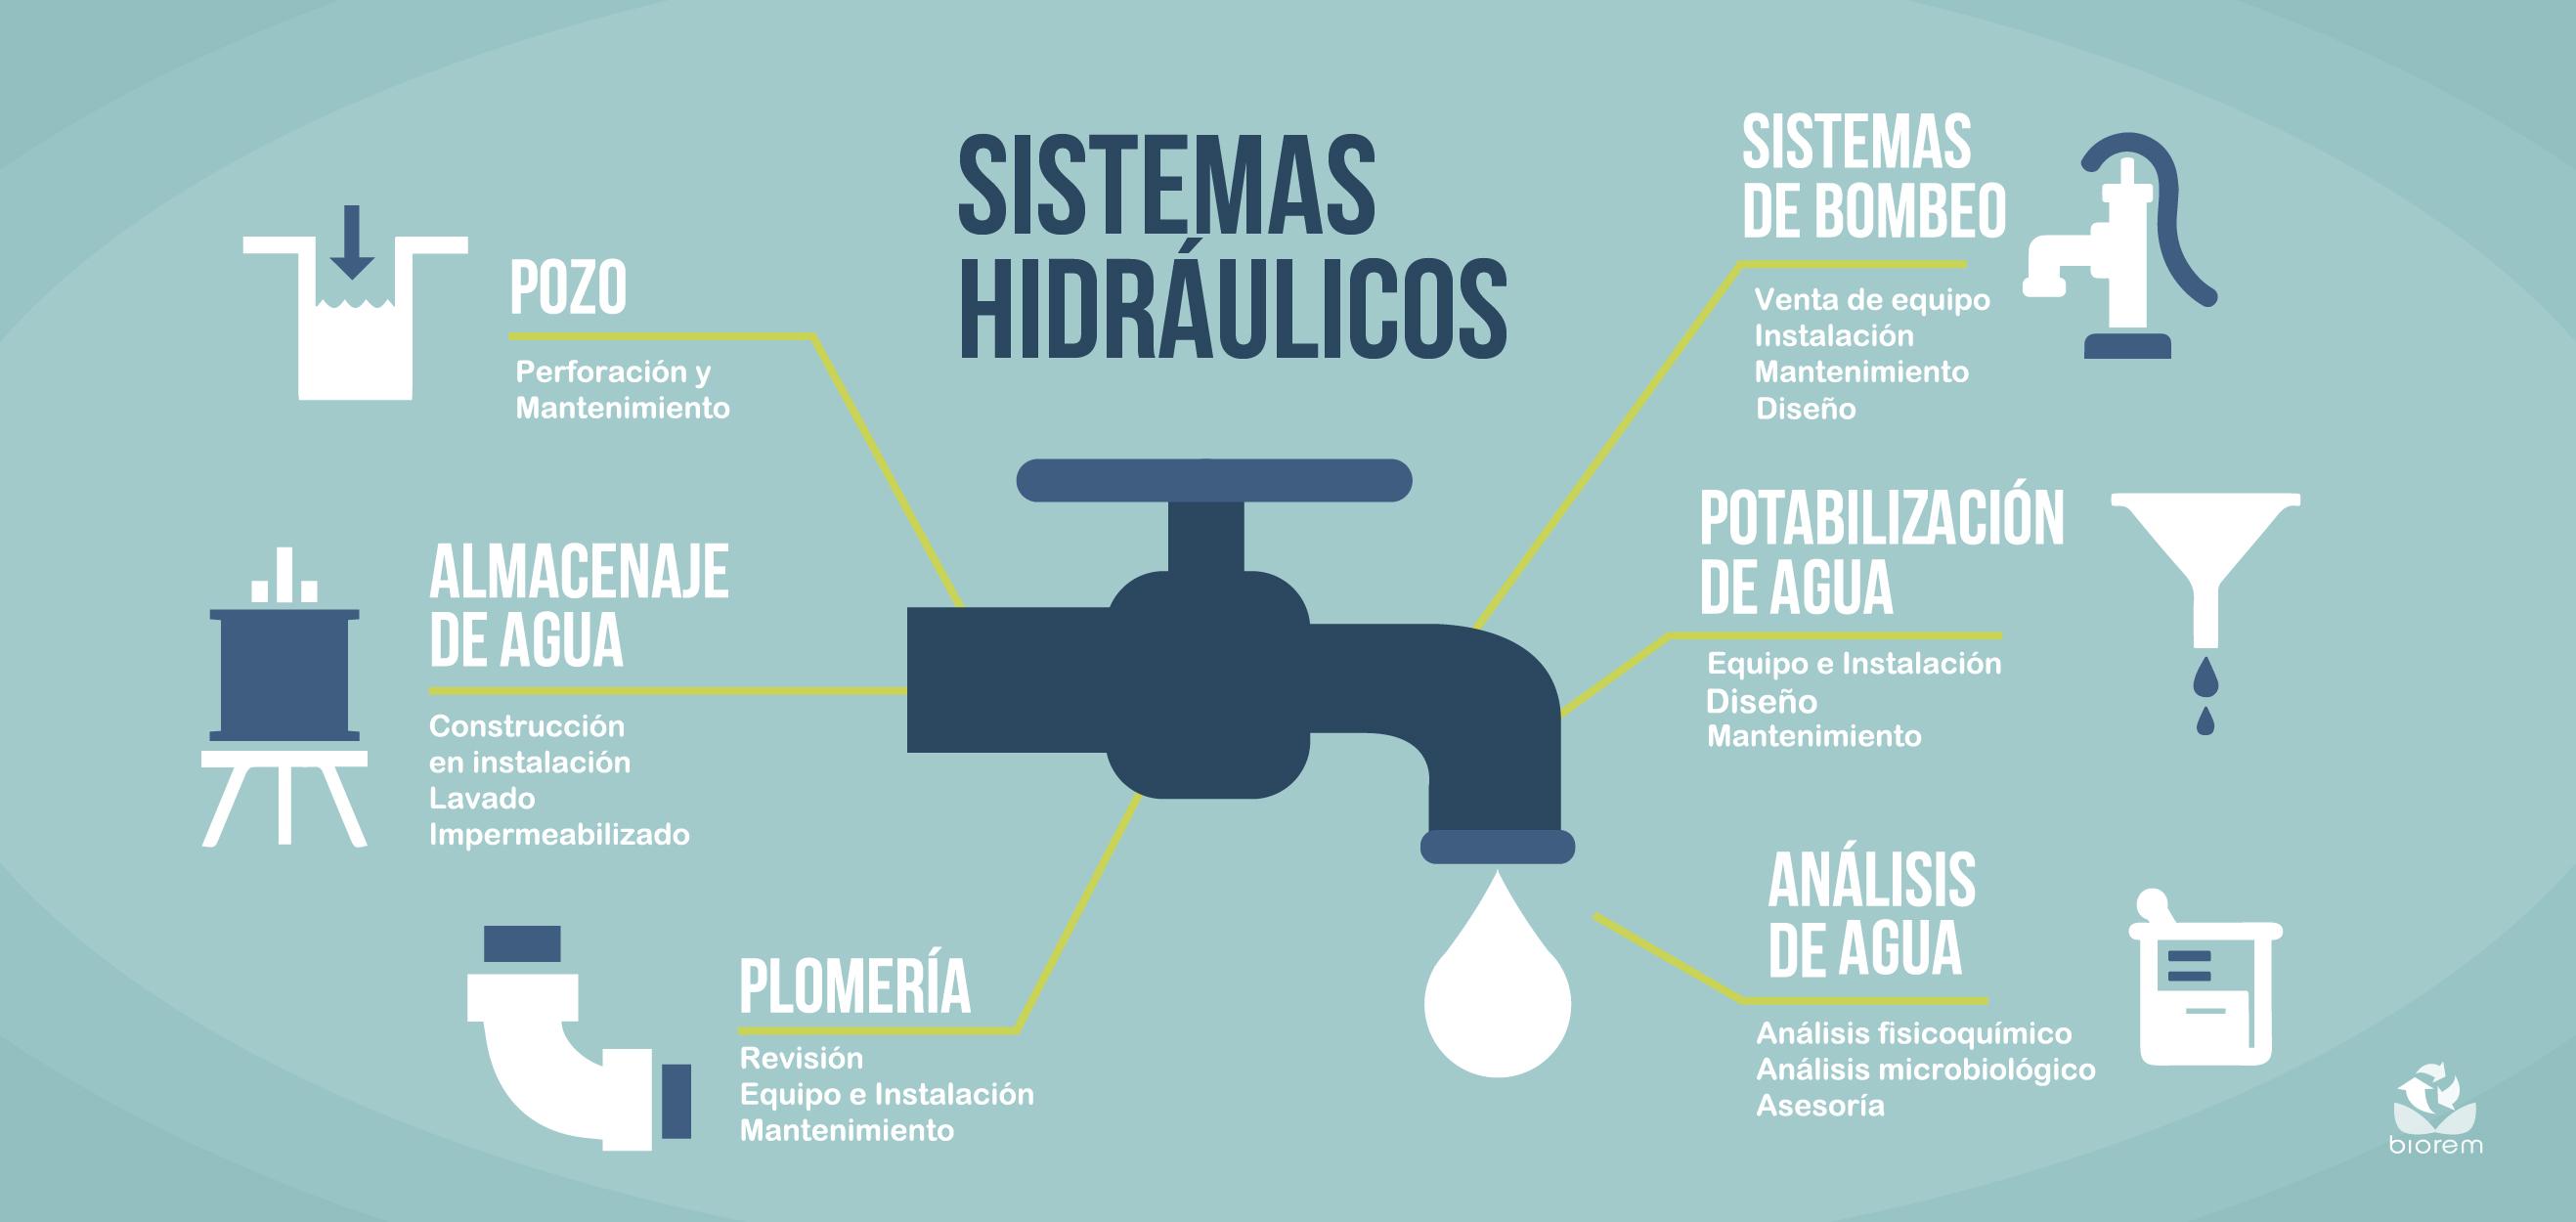 Servicios BIOREM-Sistemas Hidráulicos